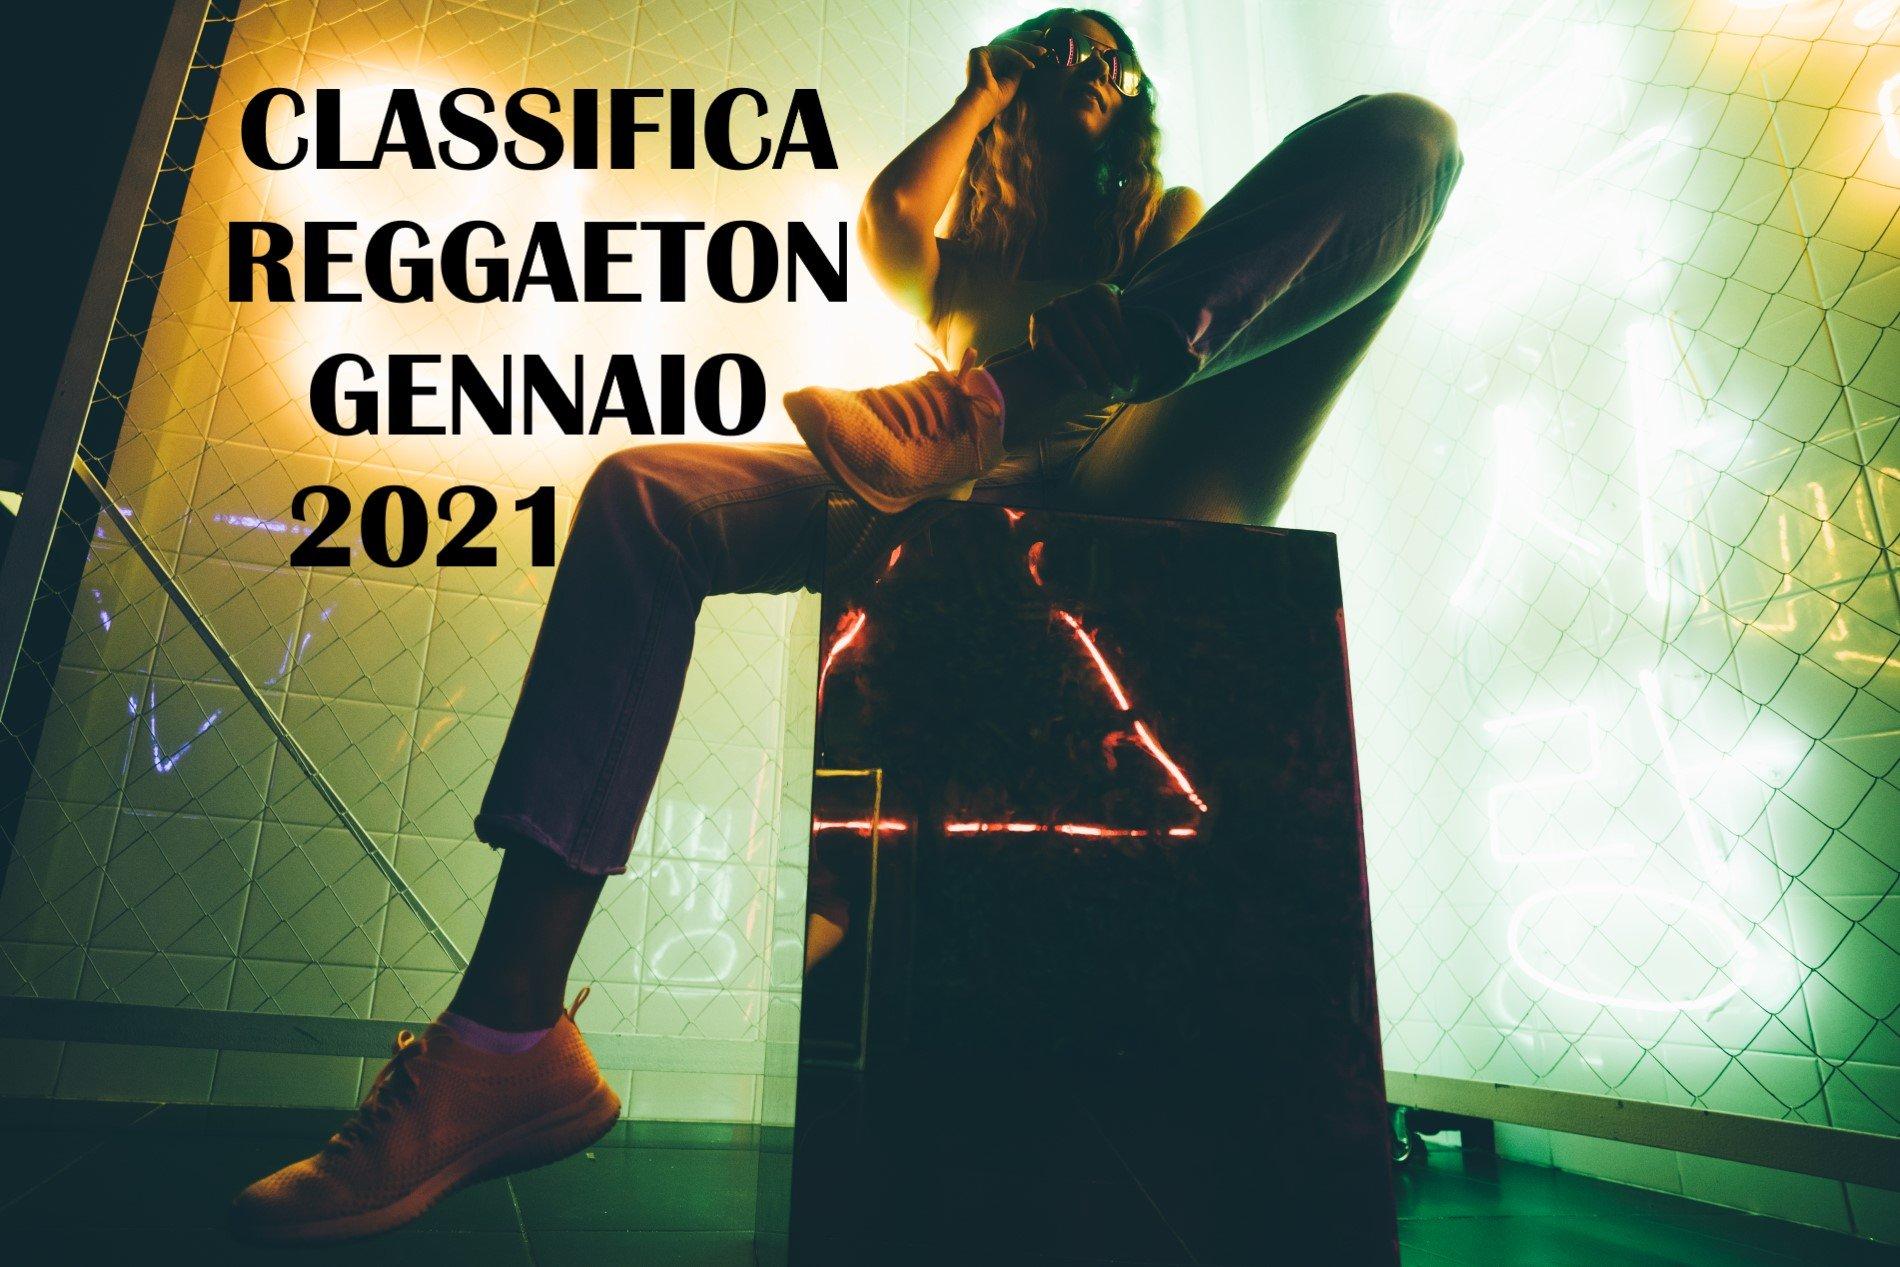 CLASSIFICA REGGAETON GENNAIO 2021 - LA MIGLIORE MUSICA REGGAETON GENNAIO 2021